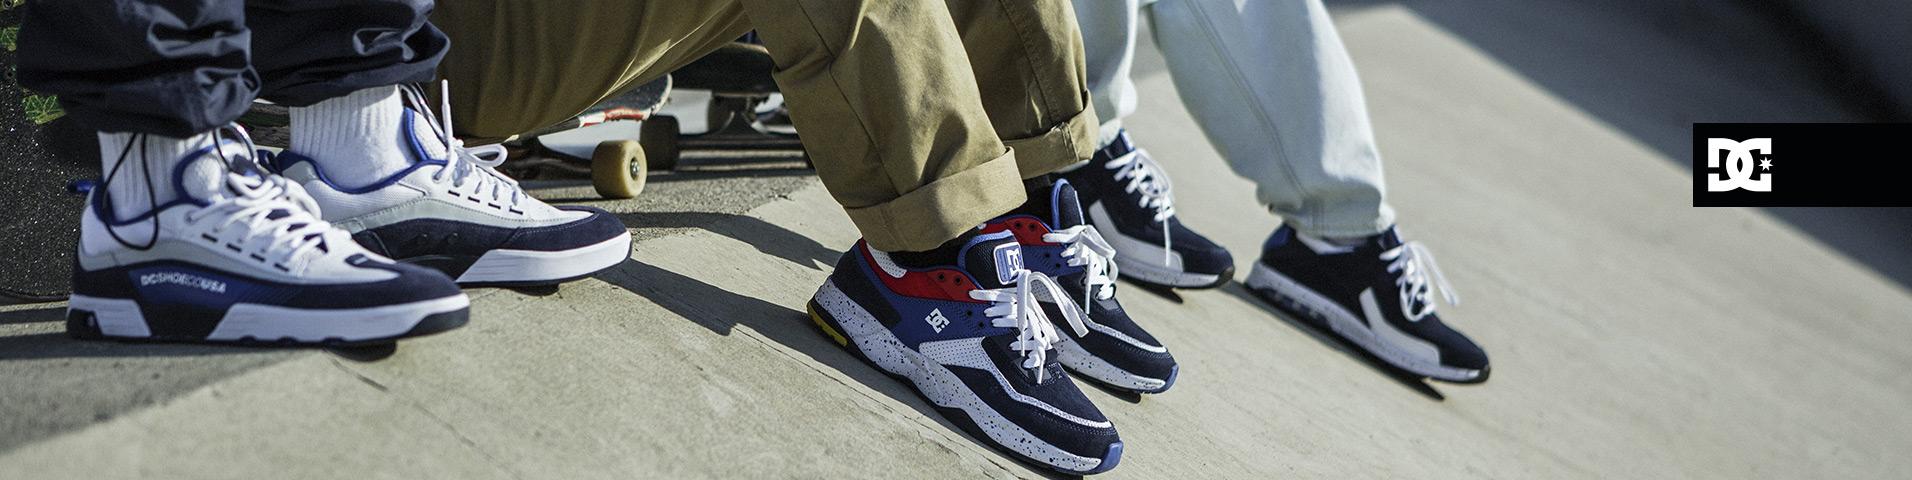 698c4f1887 Chaussures homme DC Shoes | Large choix en ligne sur Zalando